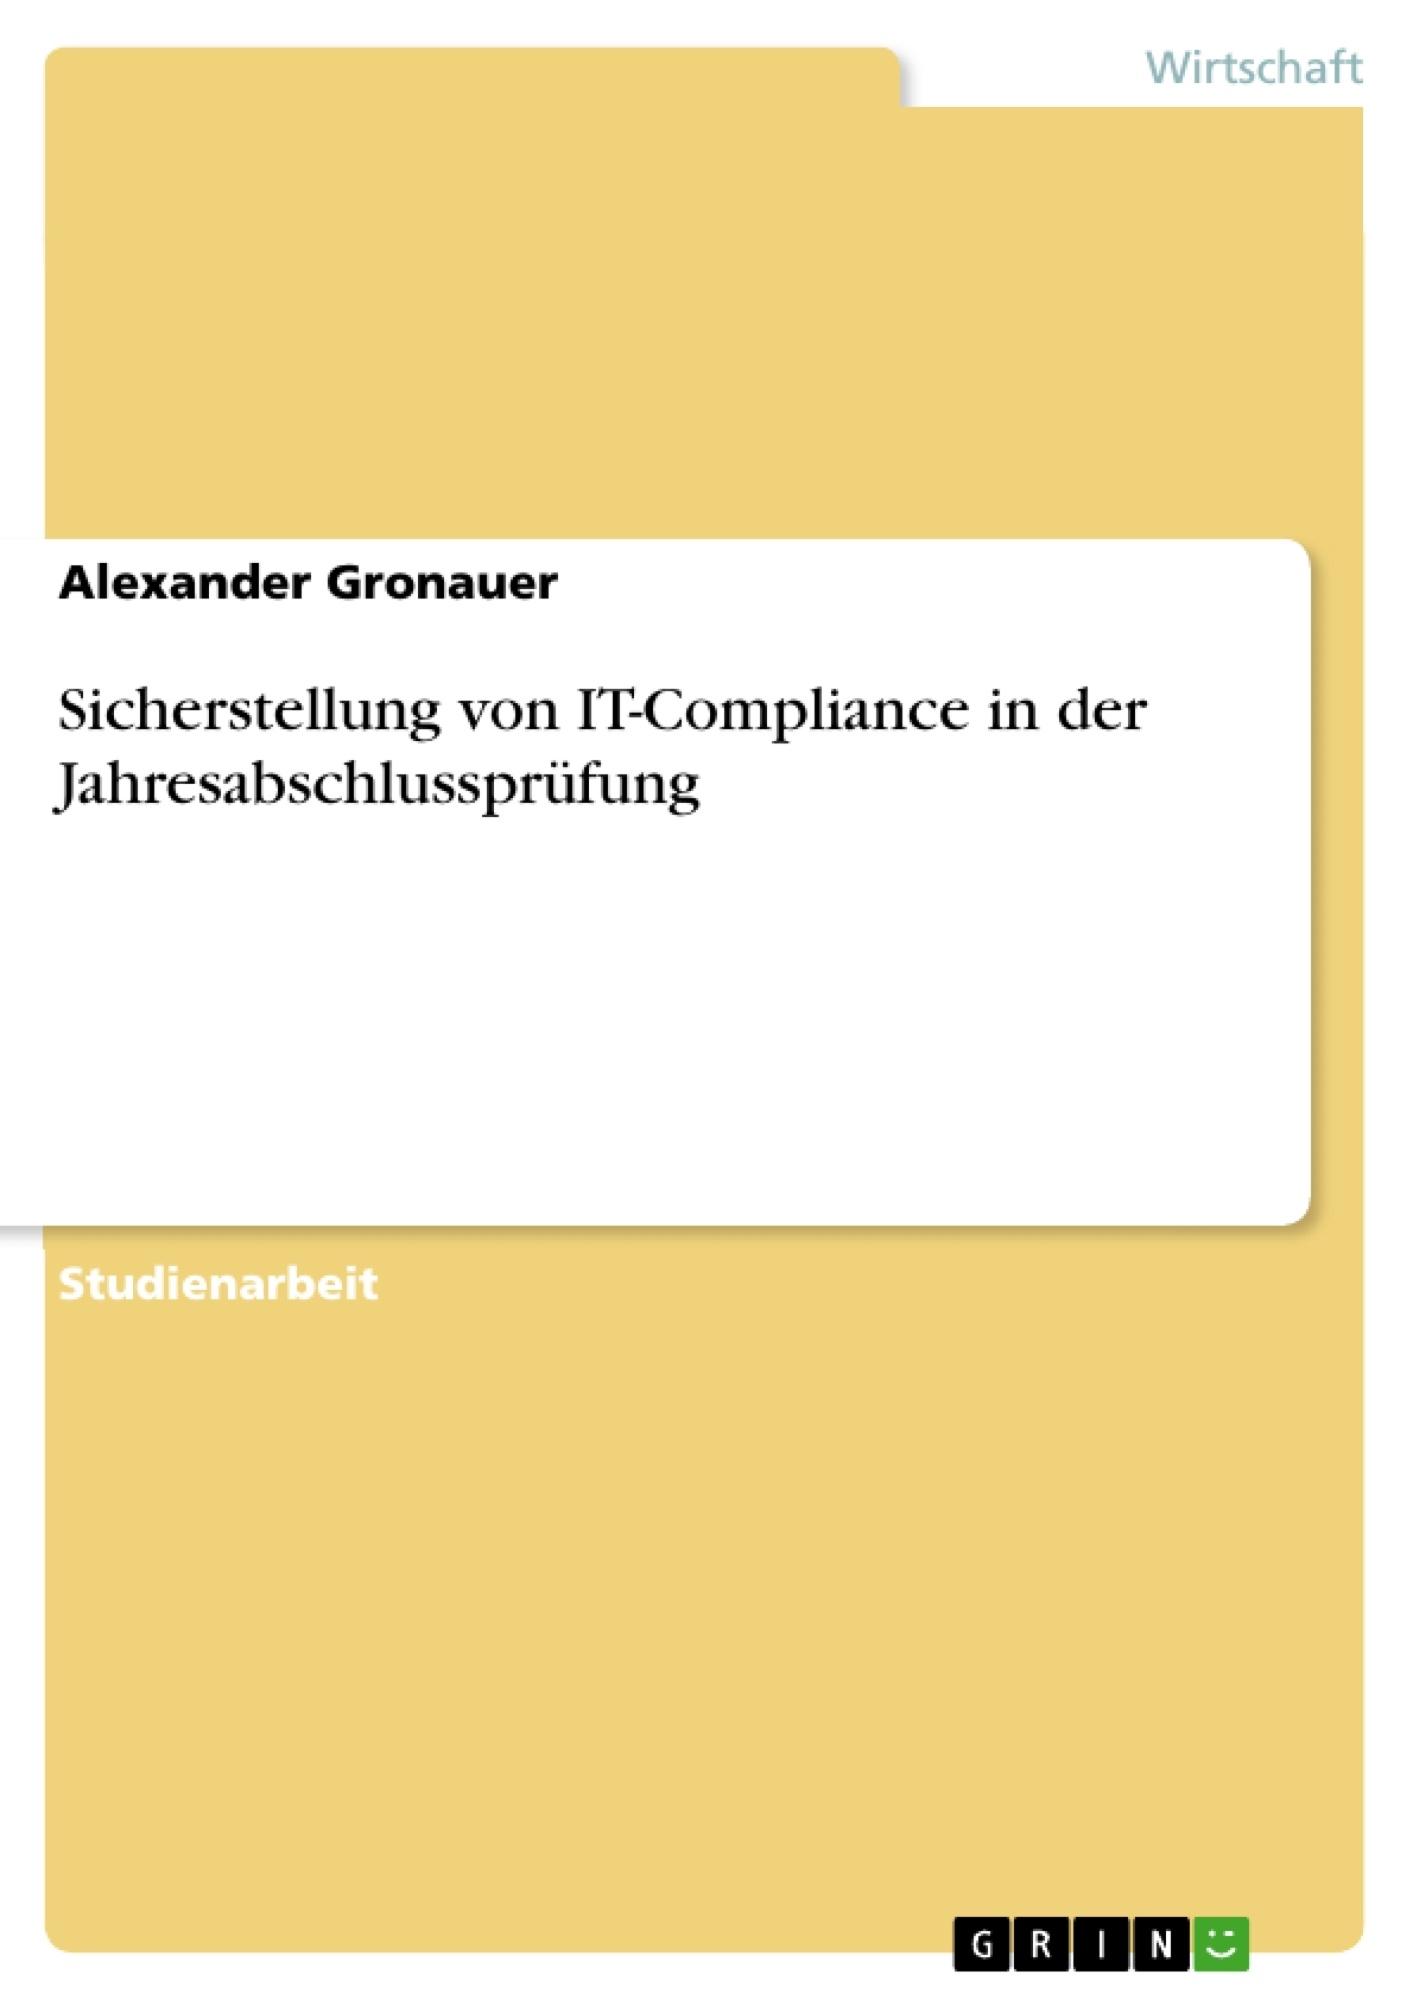 Titel: Sicherstellung von IT-Compliance in der Jahresabschlussprüfung